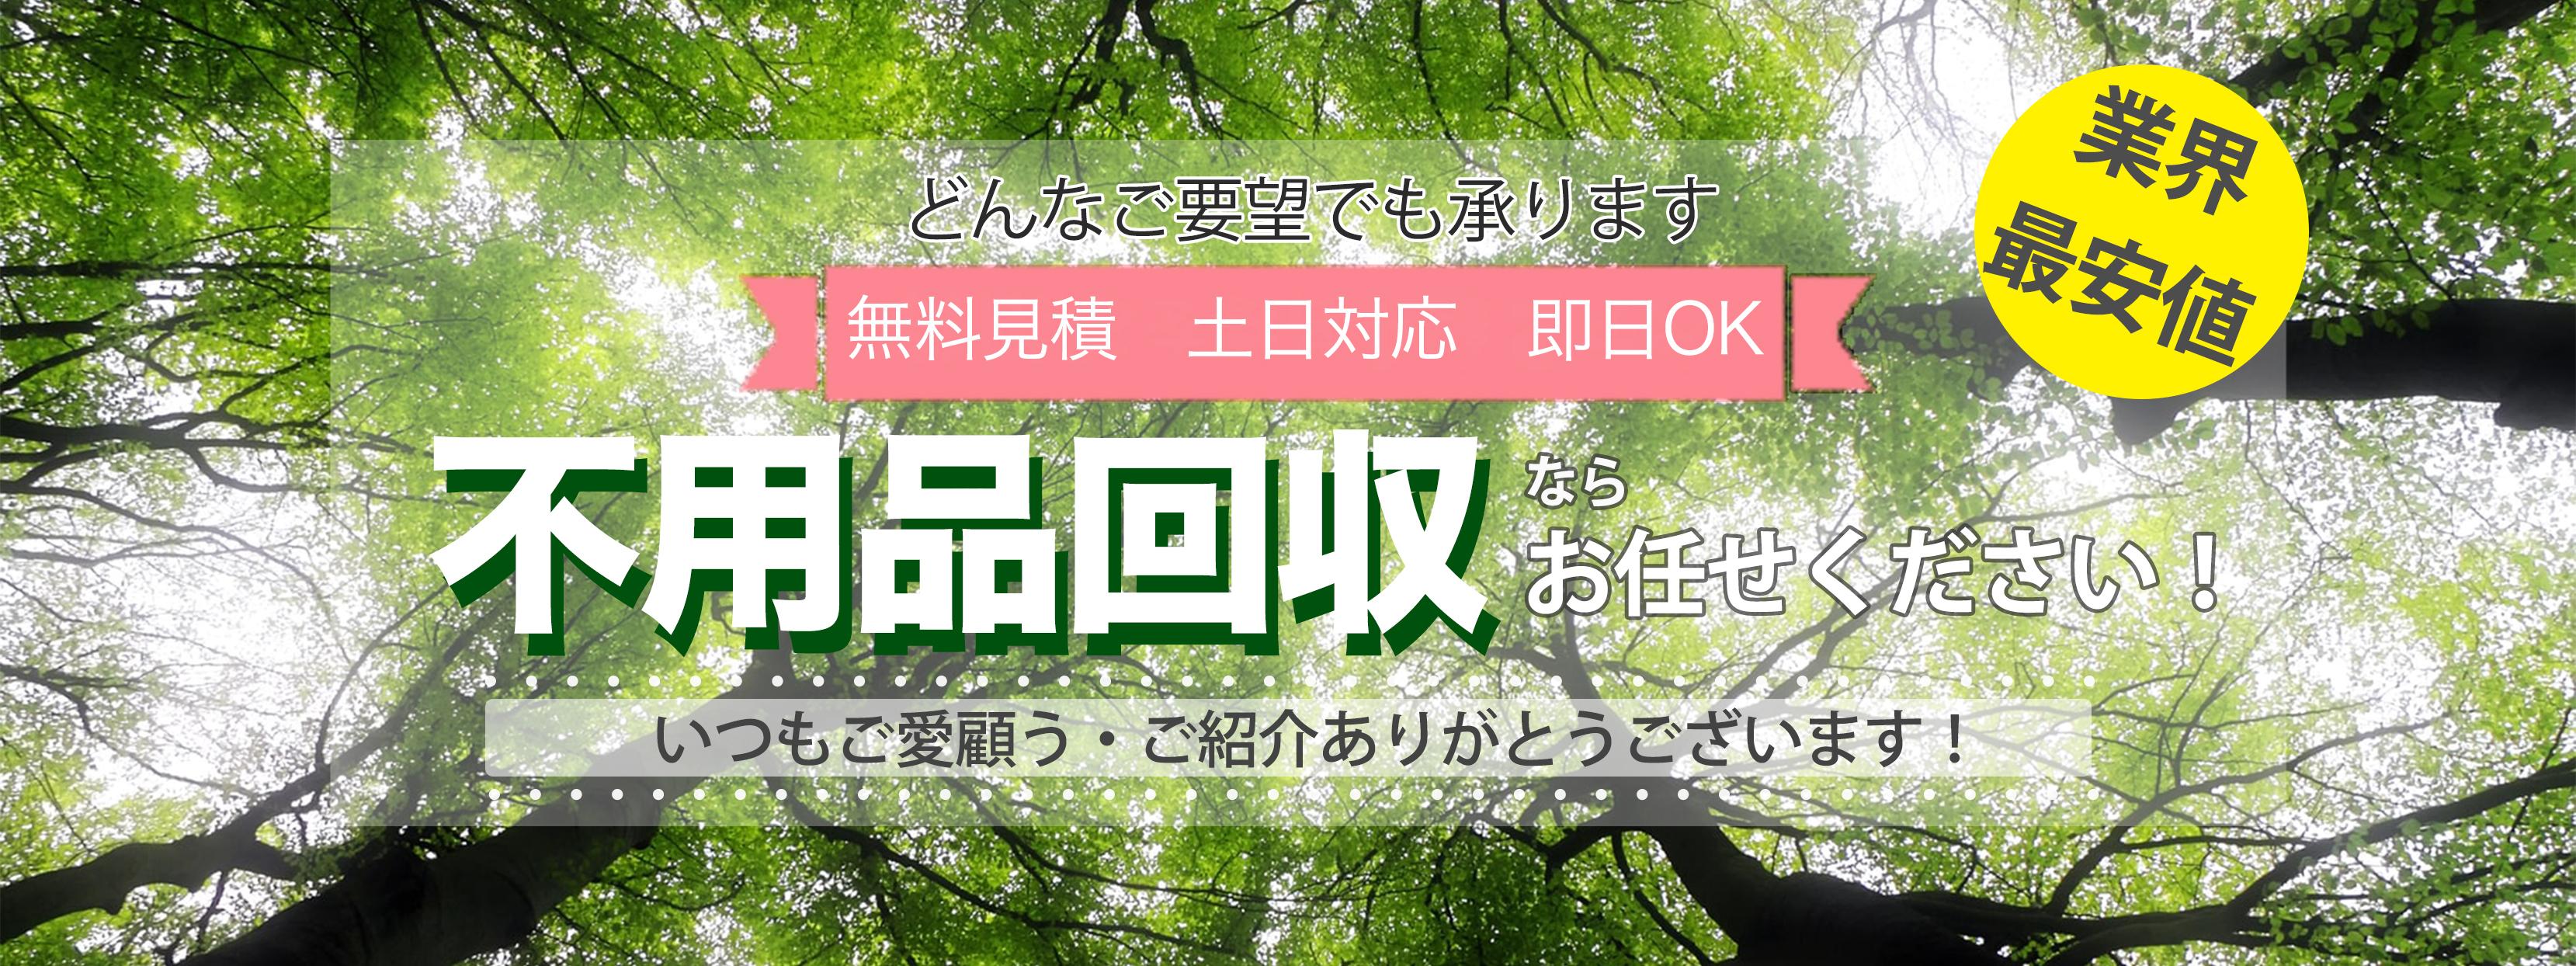 東京都内の粗大ゴミ回収、不用品回収、お引越し、家具家電の回収、ゴミ屋敷の清掃、遺品整理、法人対応ならお任せください!業界最安値。即日対応。土日対応。無料見積。まずは「0120-97-2233」までお電話を!